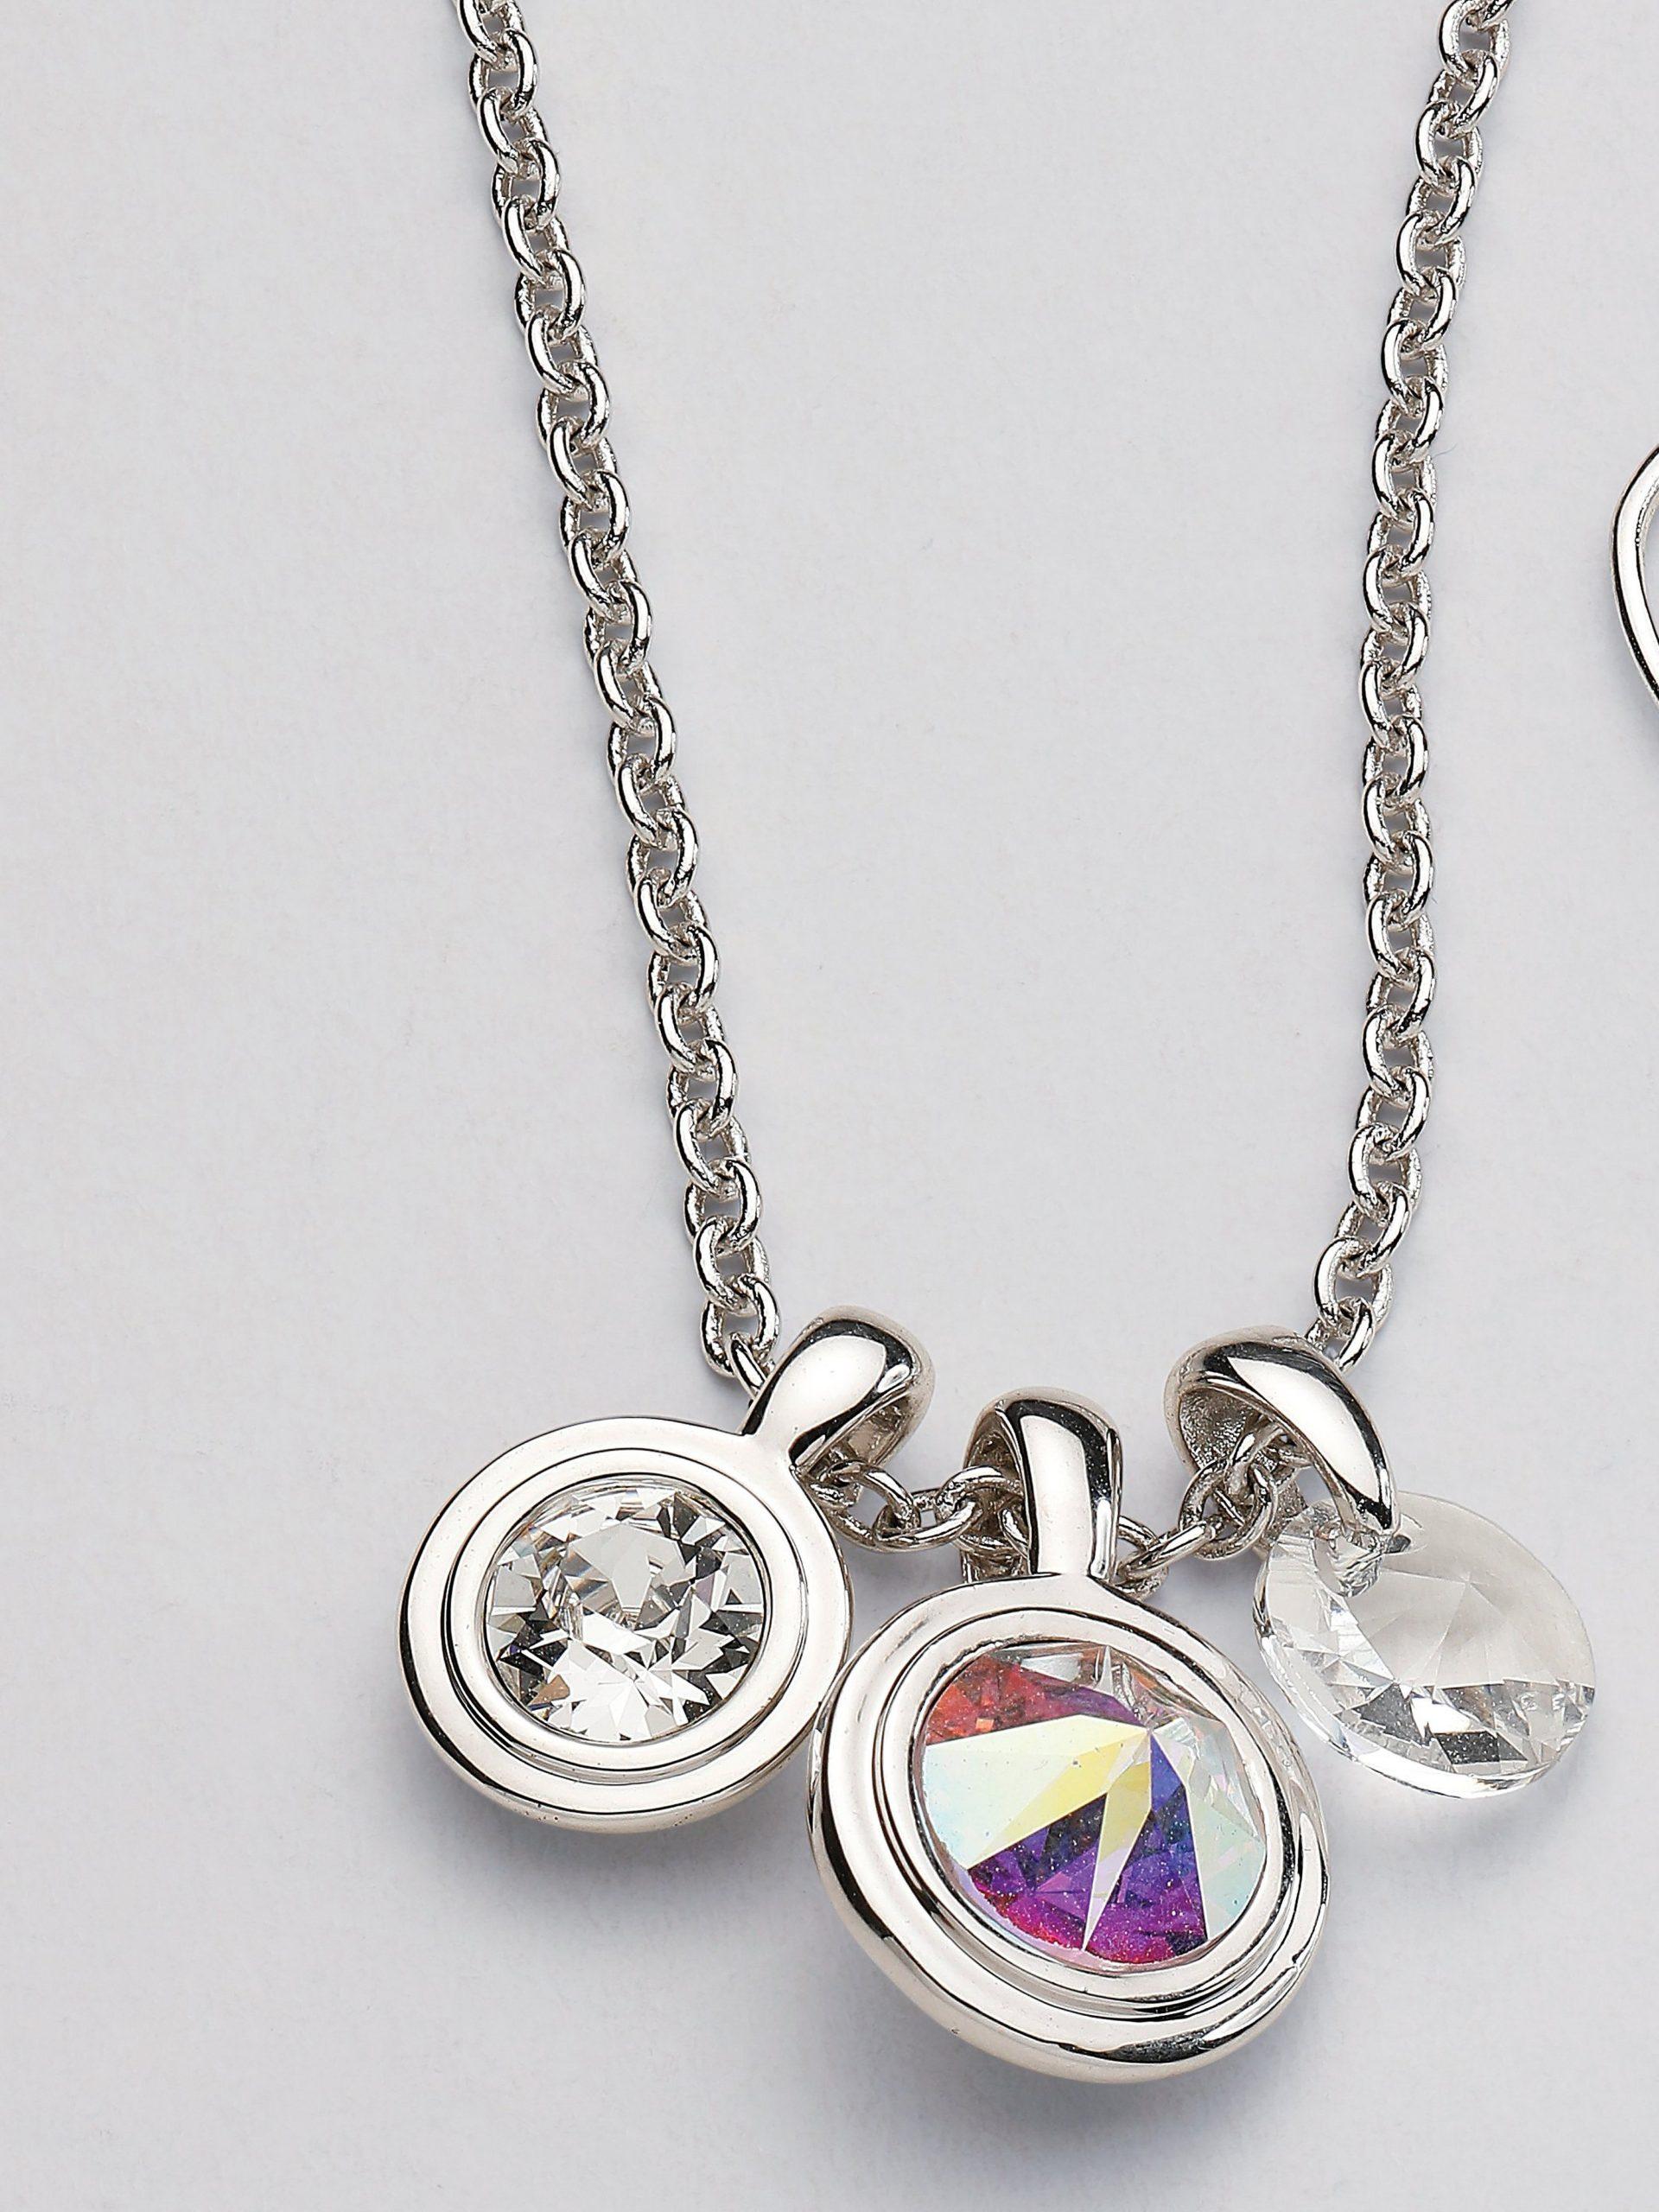 Ketting met kristallen van Swarovski® Van Uta Raasch zilverkleur Kopen